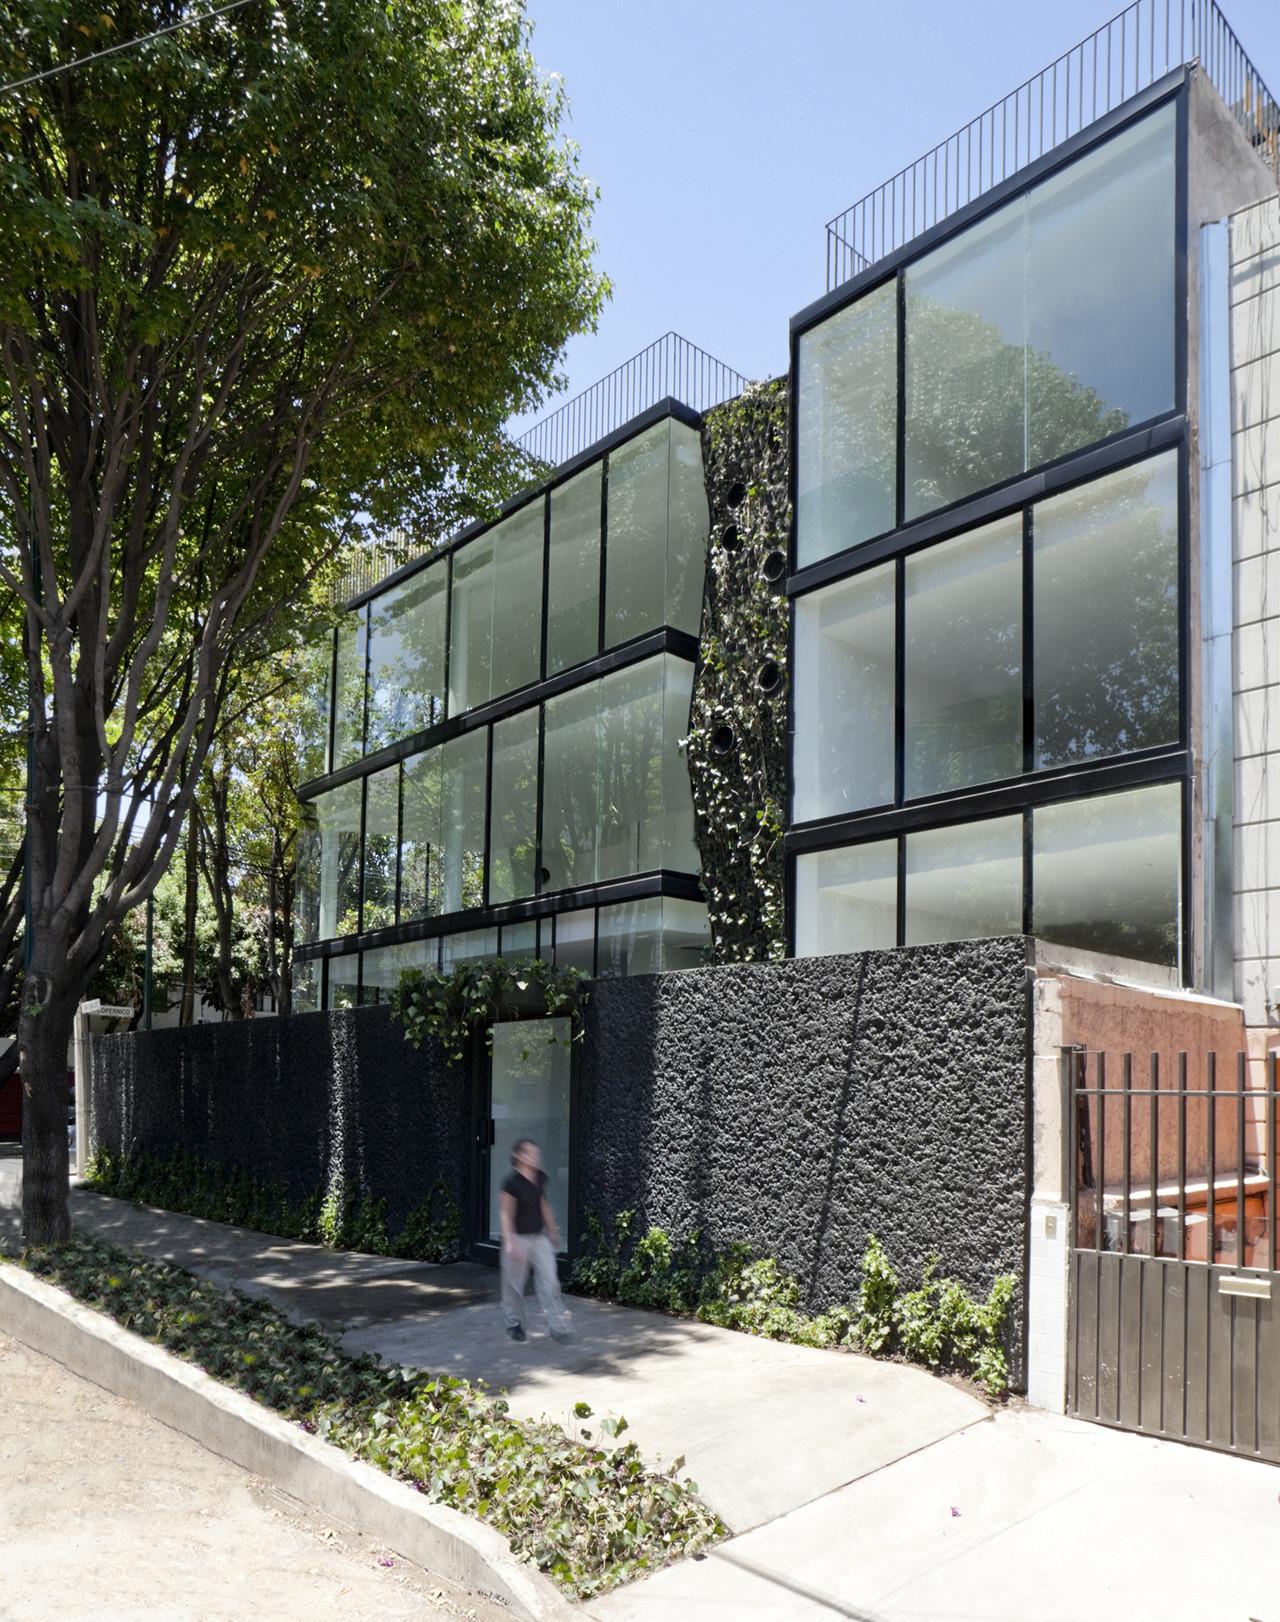 Edificio de Departamentos Michelet / Dellekamp Arquitectos, © Sandra Pereznieto